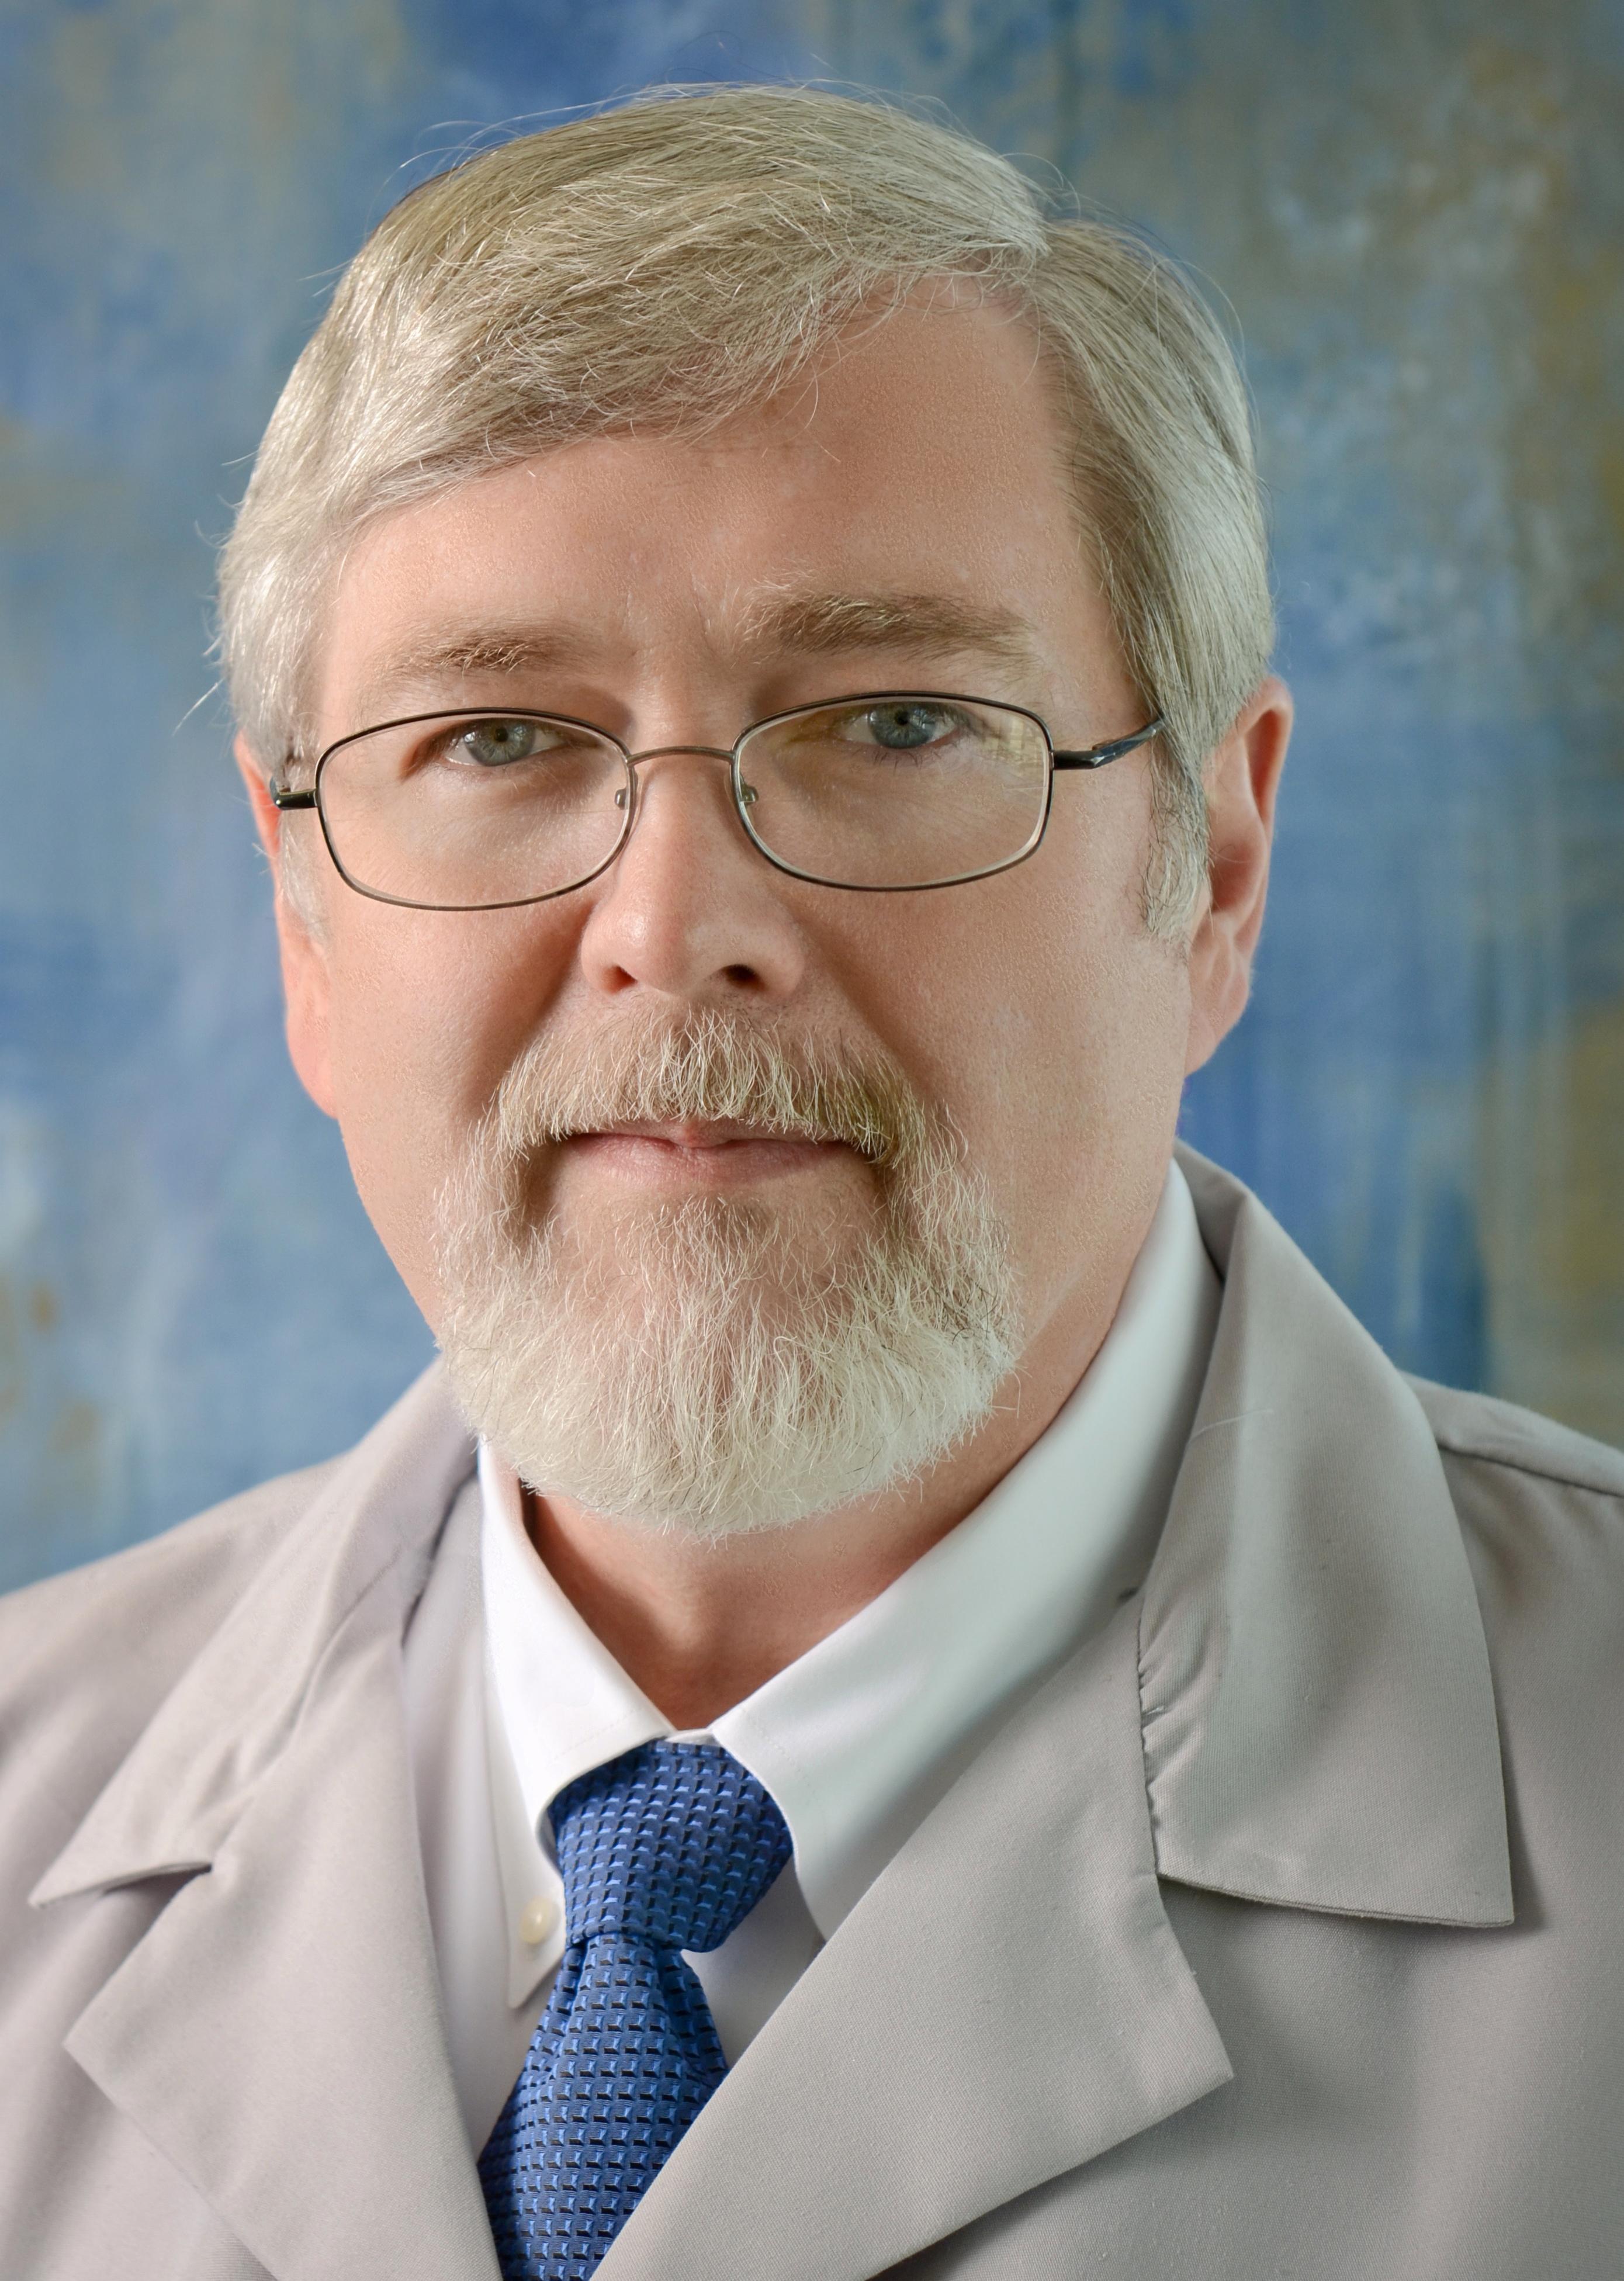 David E. Barker, MD